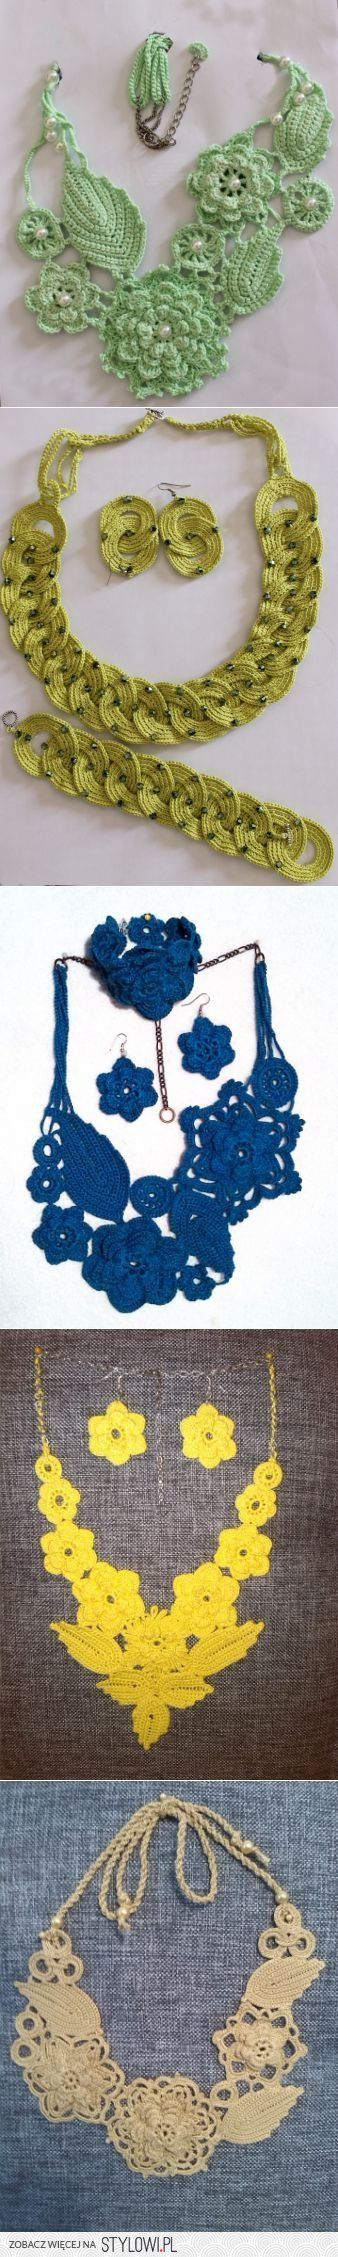 biżuteria Вязание крючком / Вязаные крючком аксессуары…